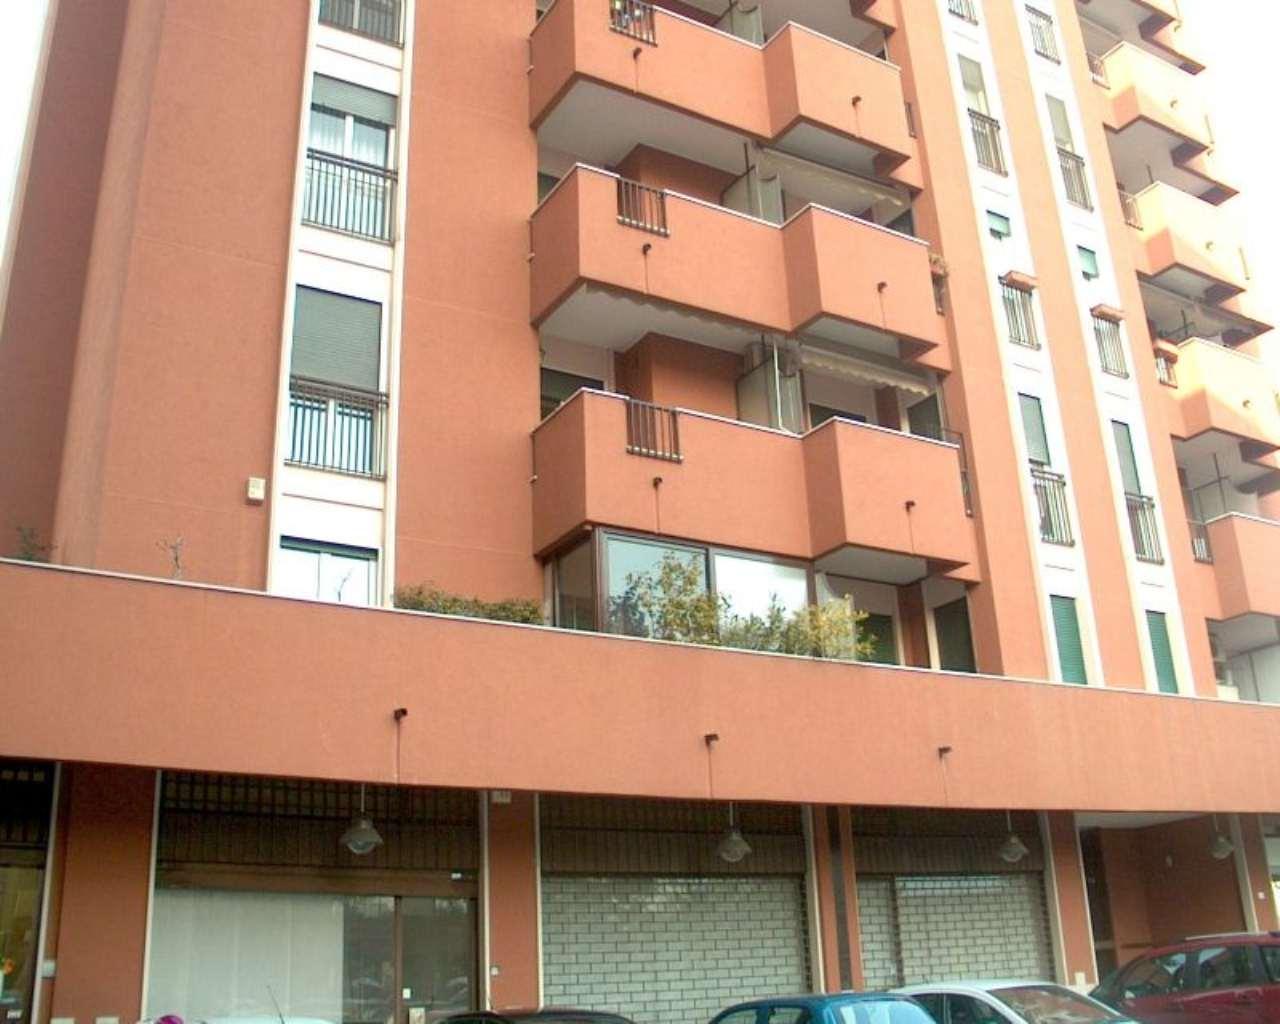 Negozio / Locale in vendita a Segrate, 6 locali, prezzo € 350.000 | CambioCasa.it